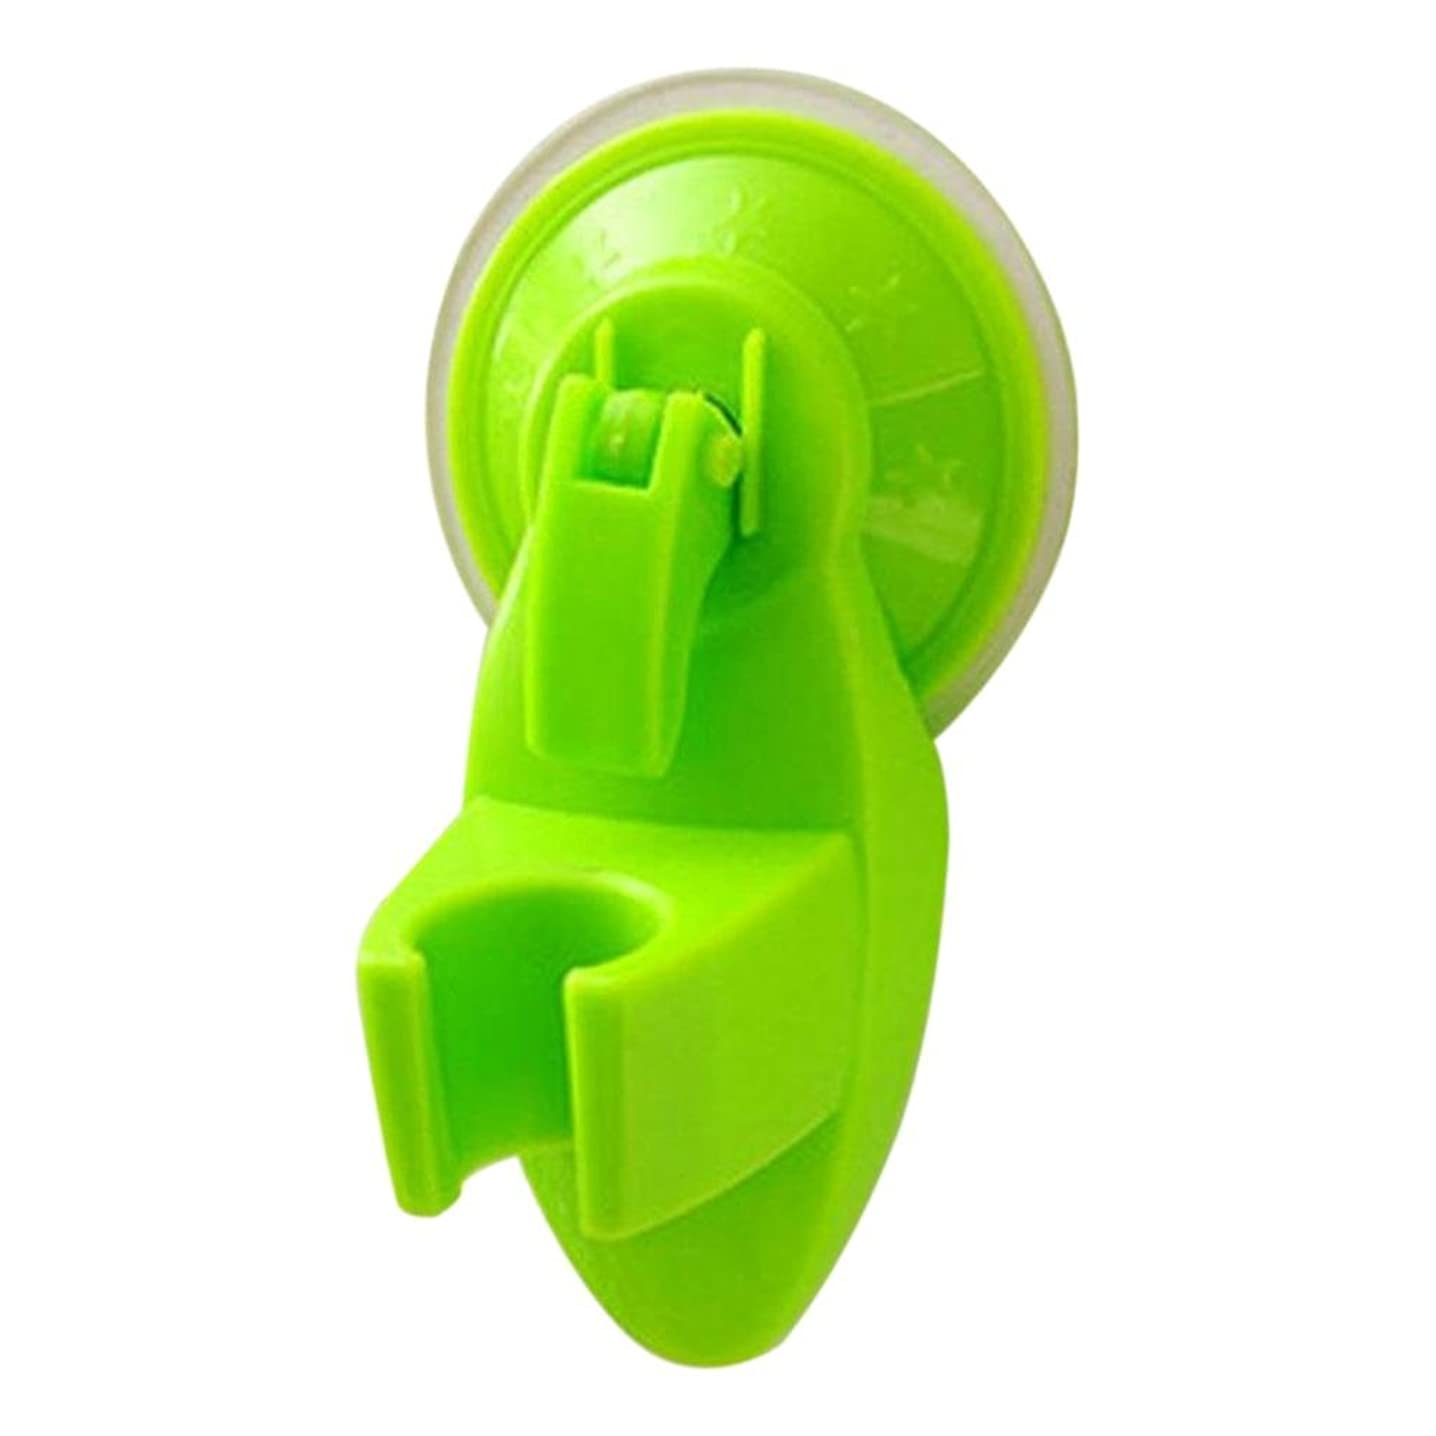 みなす代わりに経過AEdiea 吸盤 タイプ 浴室 シャワー スプリンクラー ホルダー サポート シャワー ヘッド ブラケット